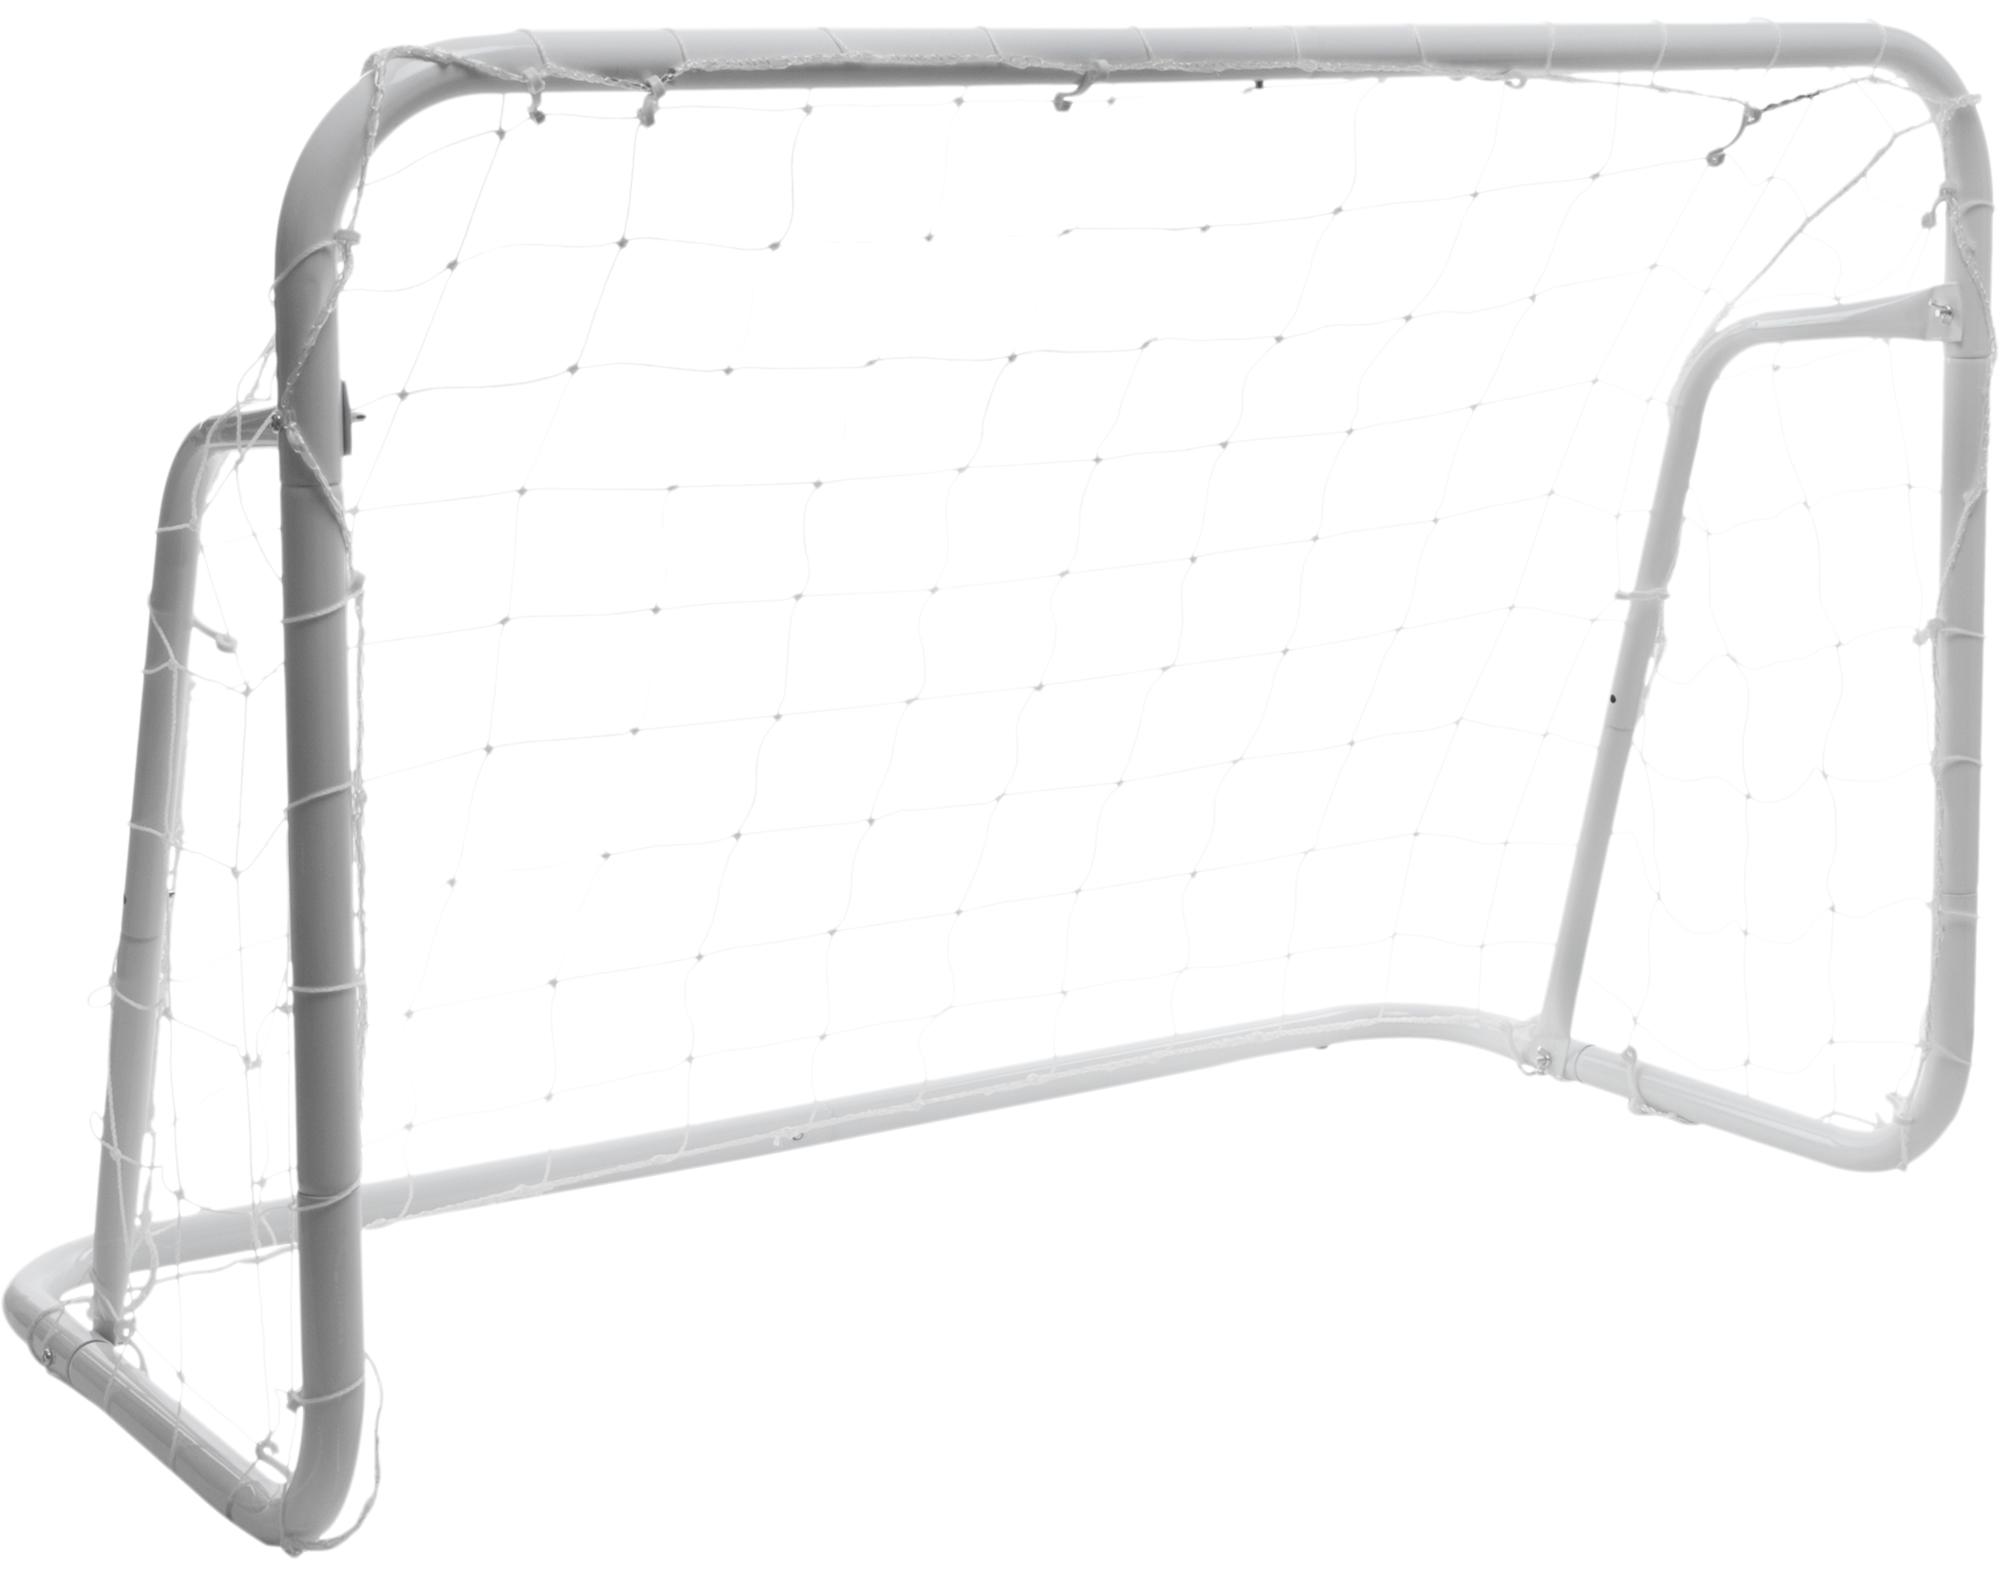 Demix Футбольные ворота Demix, 245 x 155 x 80 см стойка телескопическая artmoon ajaks с двумя полками 70 5 x 24 x 245 см